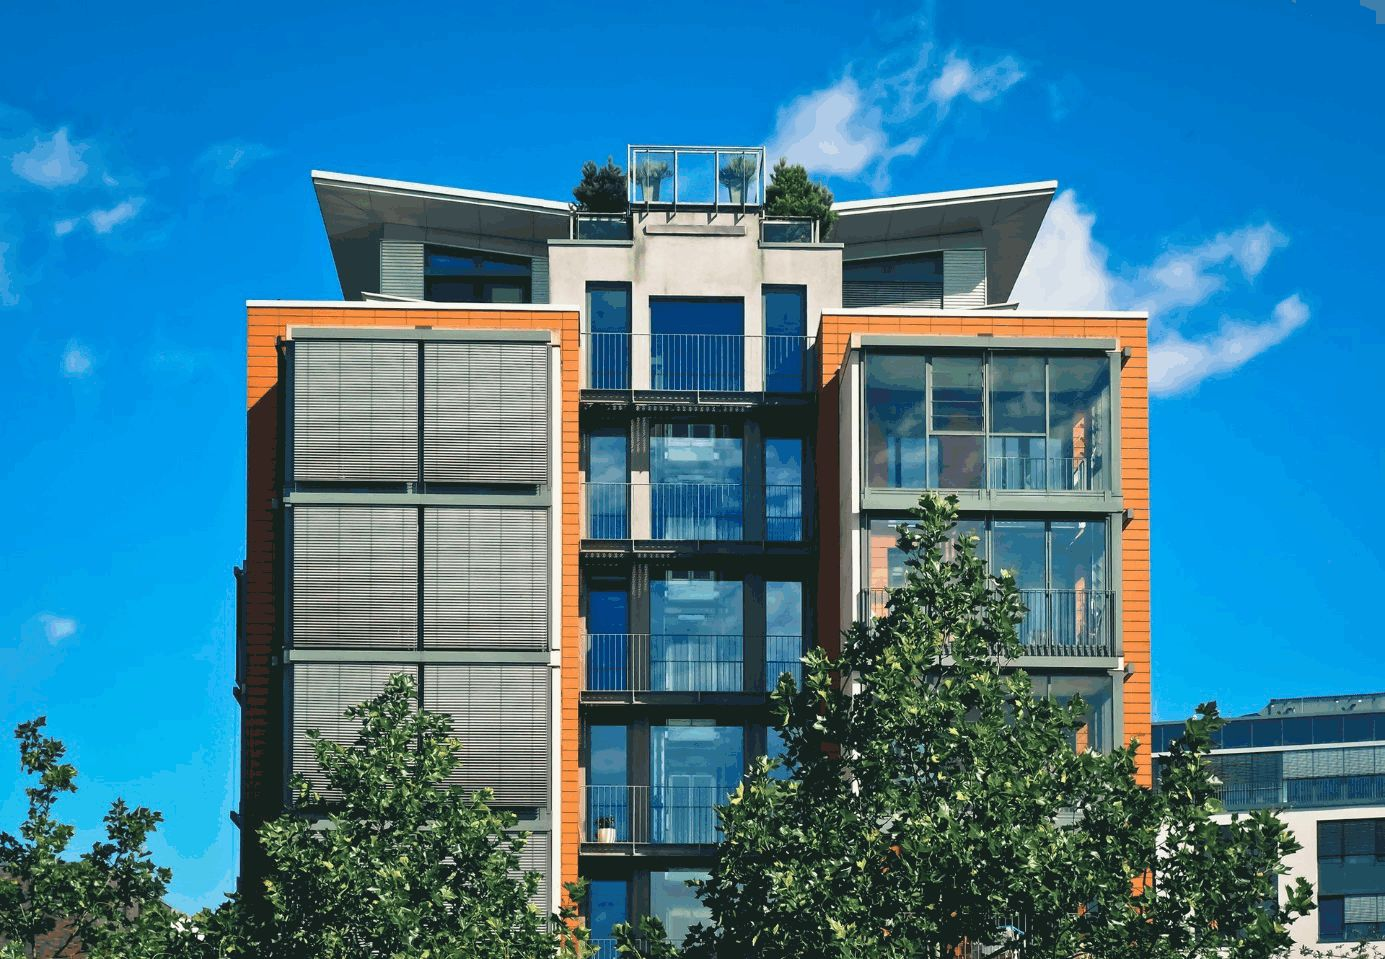 Fassade von modernem Bürohaus